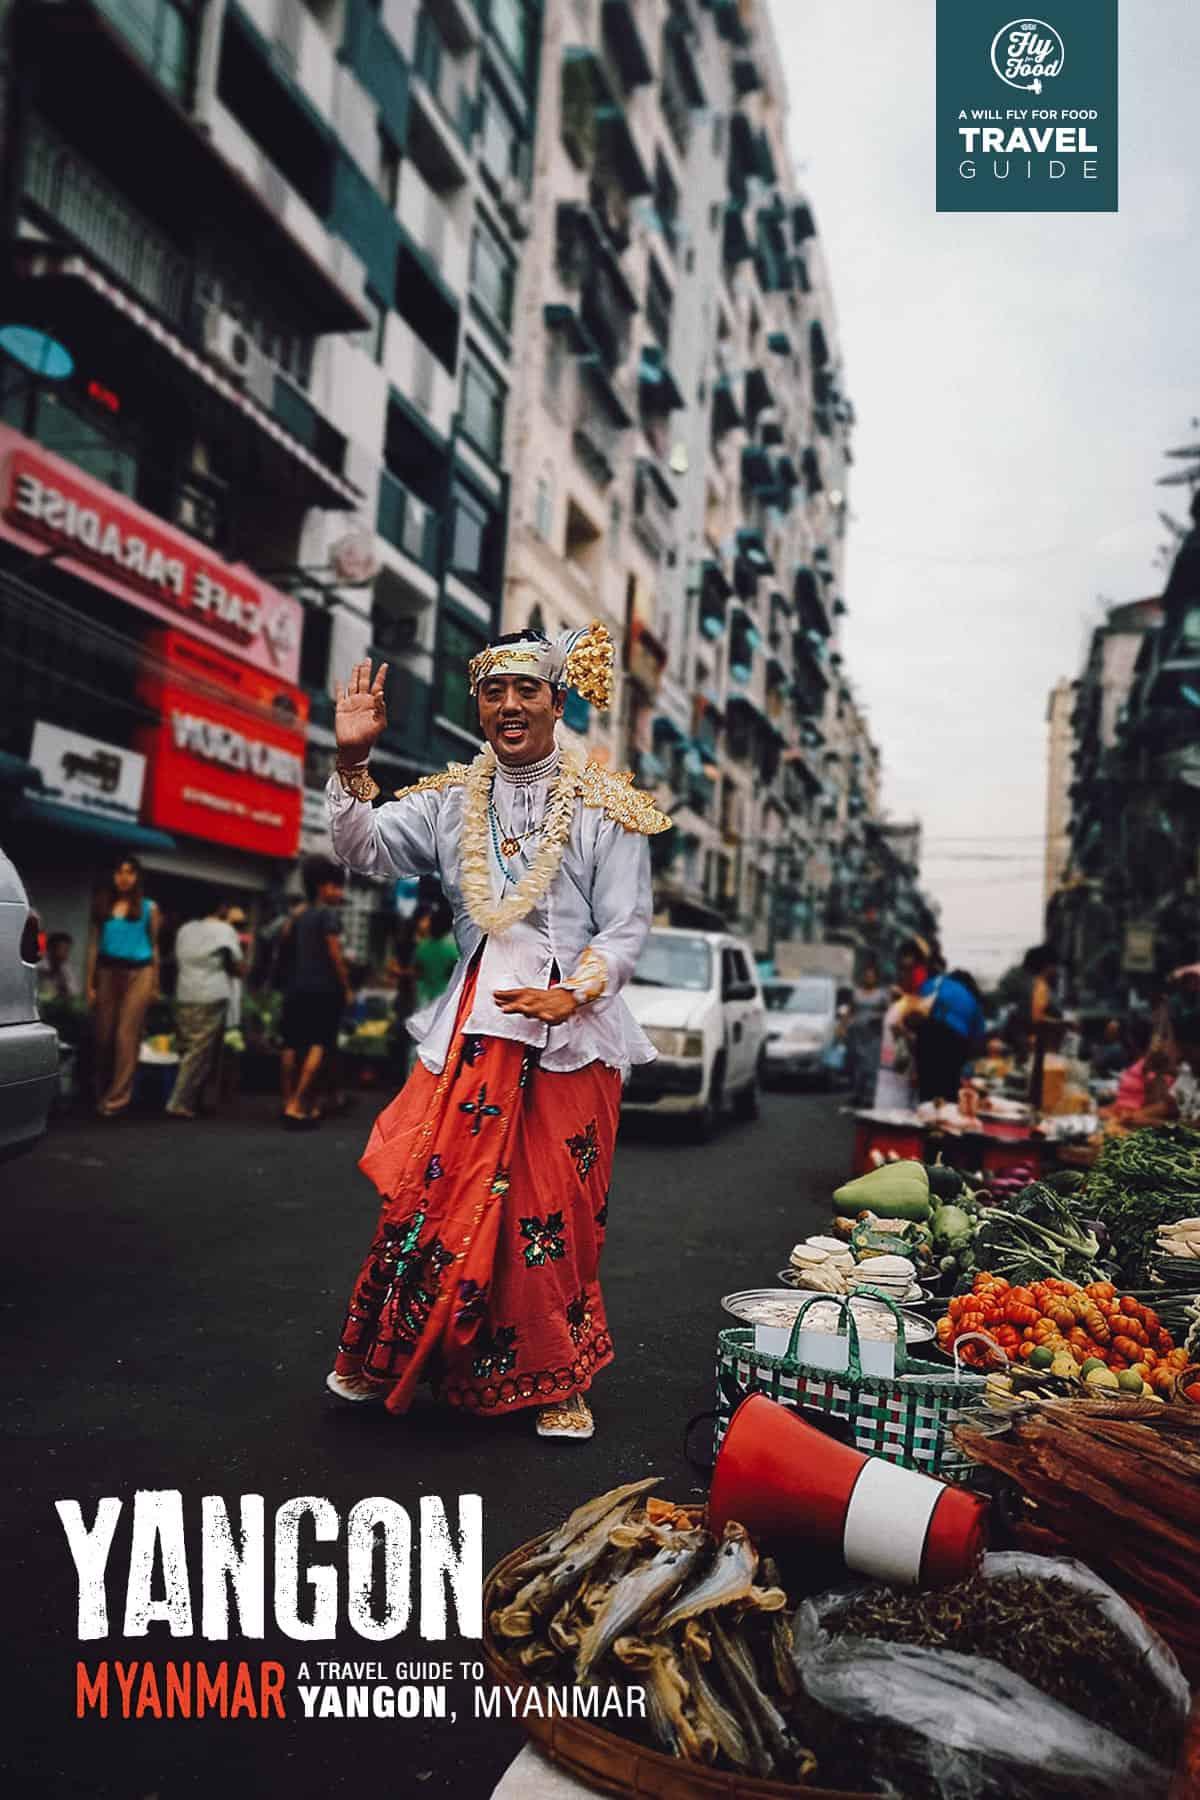 Street scene in Yangon, Myanmar